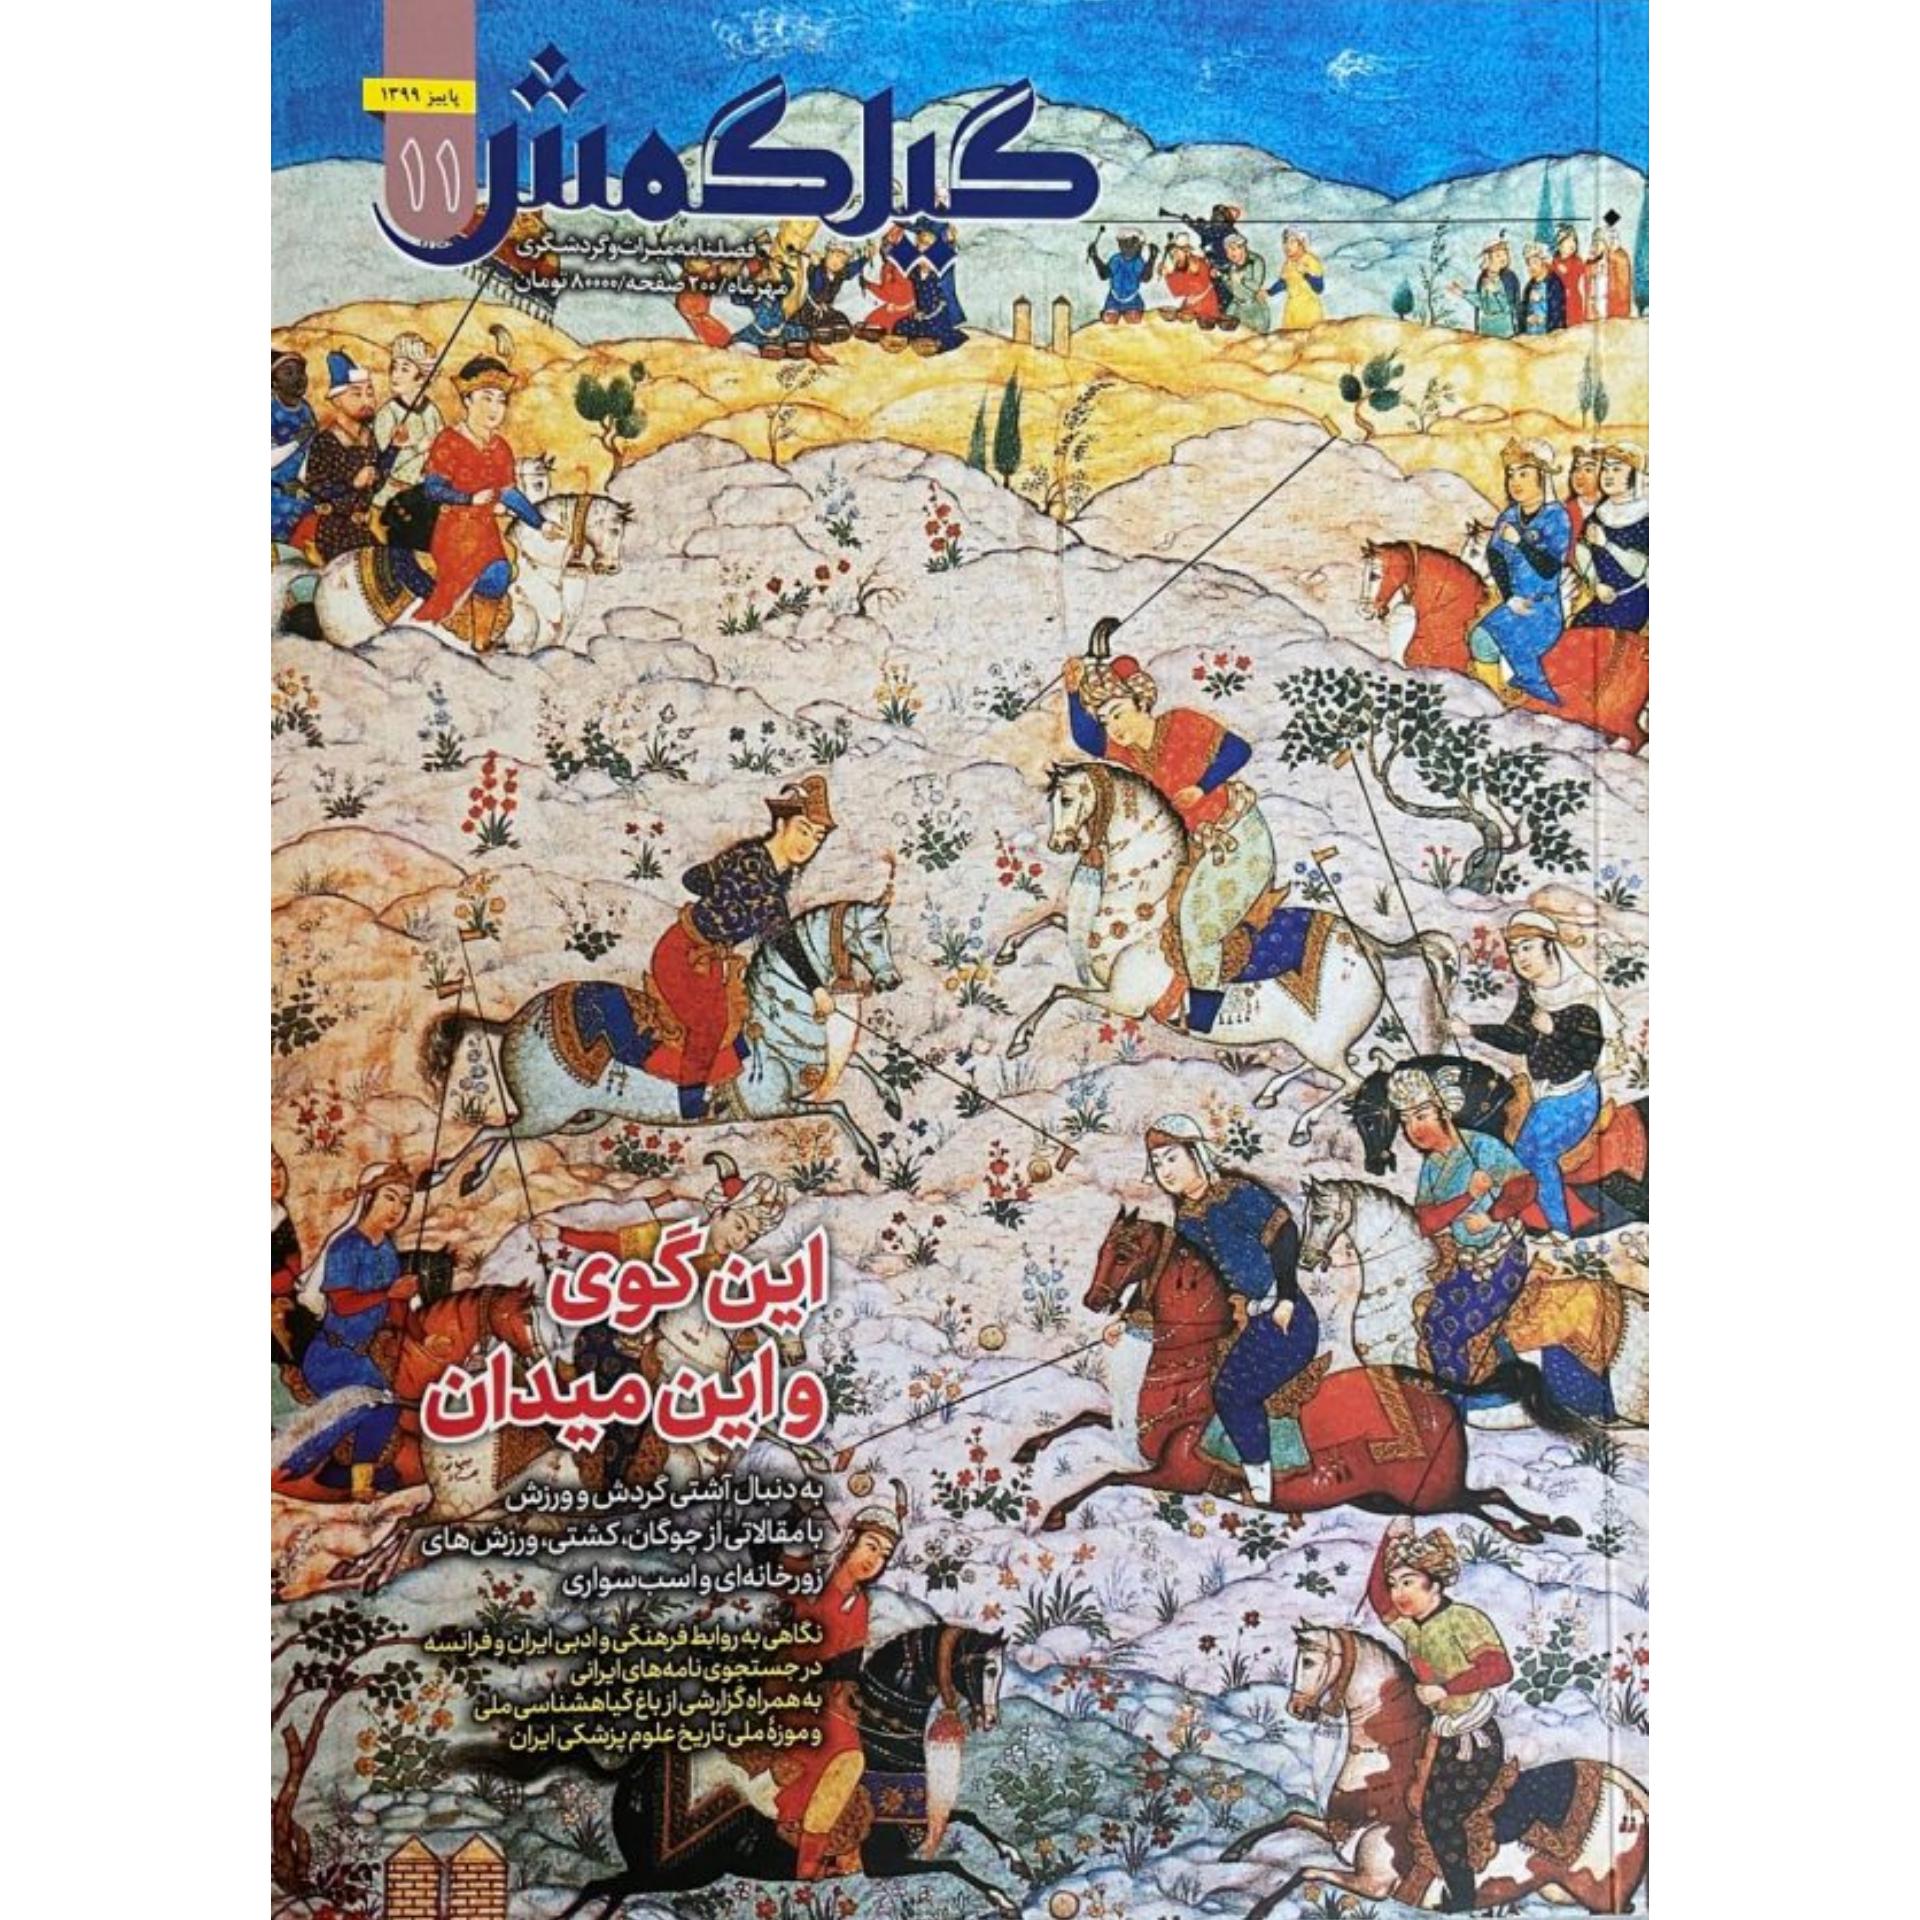 فصلنامهٔ فارسی میراث و گردشگری گیلگمش شماره ۱۱